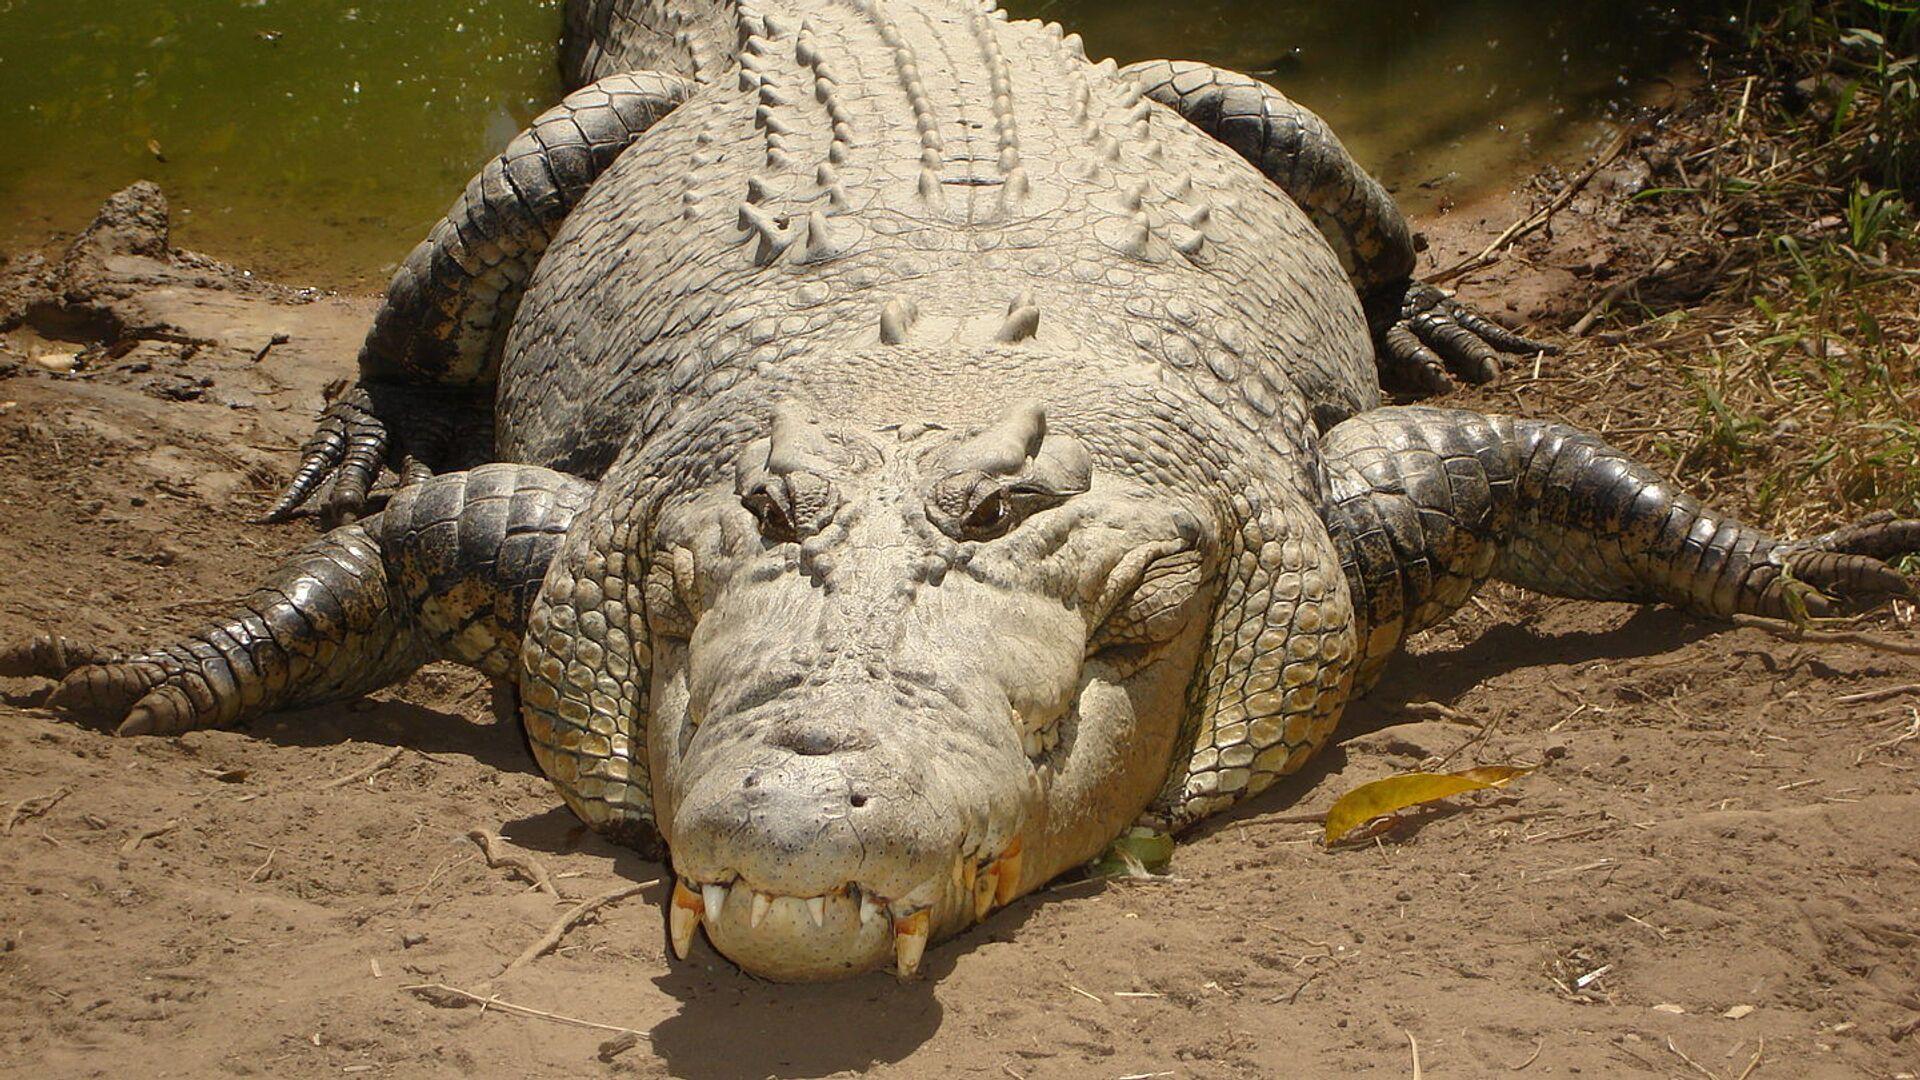 Krokodyl różańcowy Crocodylus porosus - Sputnik Polska, 1920, 27.07.2021